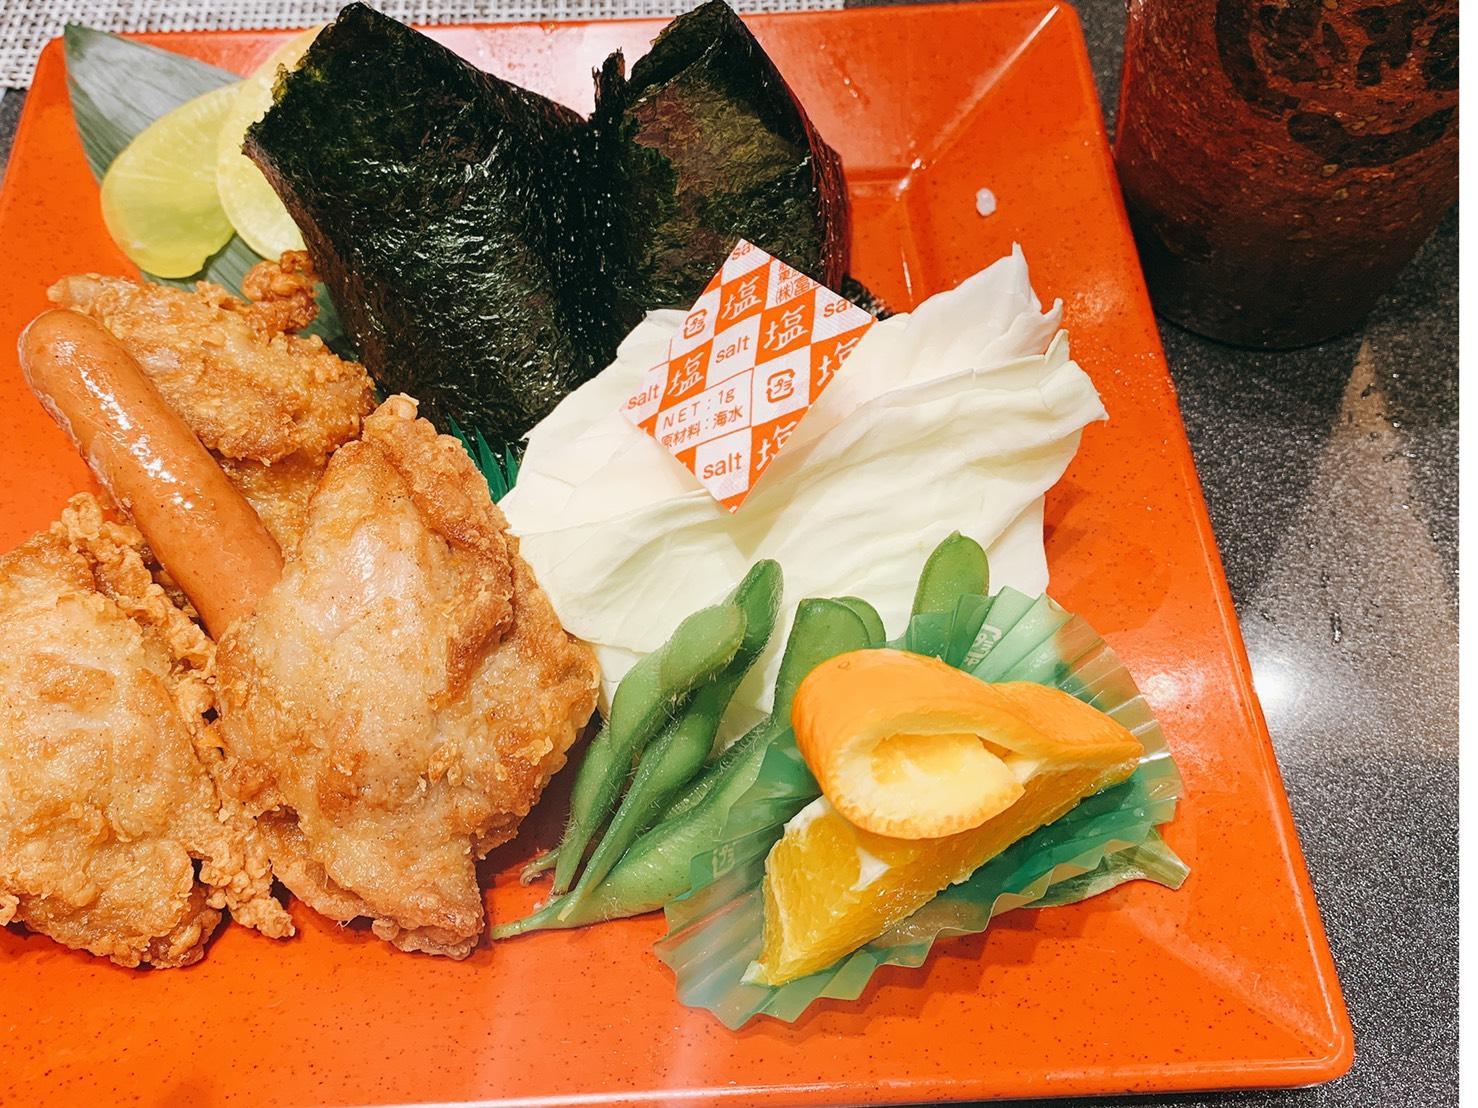 広島人の身土不二を広く解釈すると、むさしのむすびとうどん・お好み焼きである